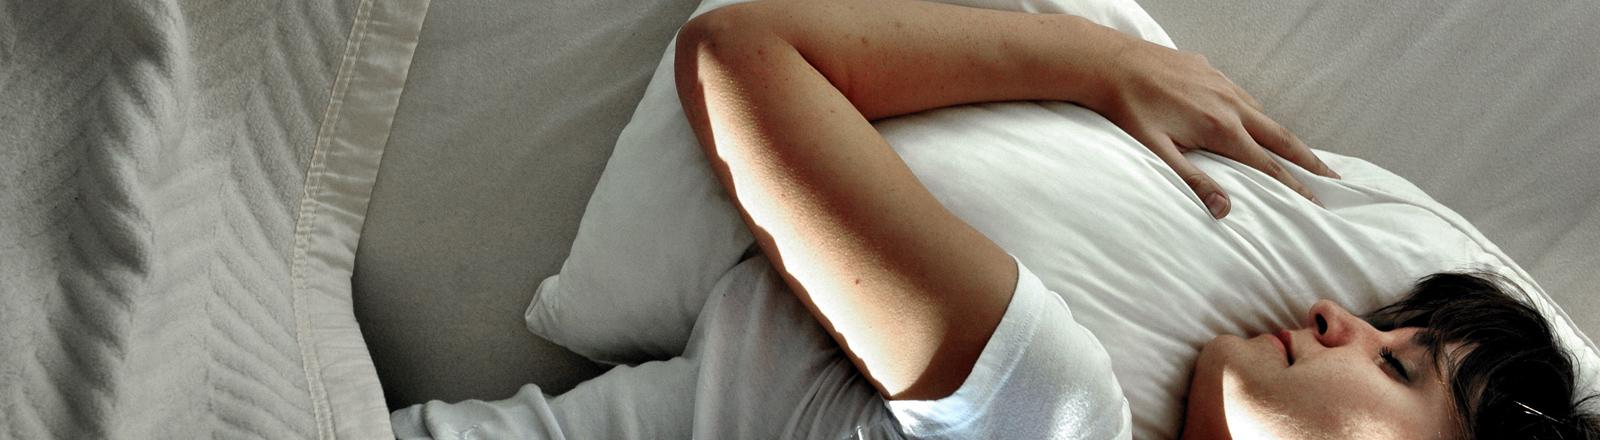 Frau schläft auf Matratze.